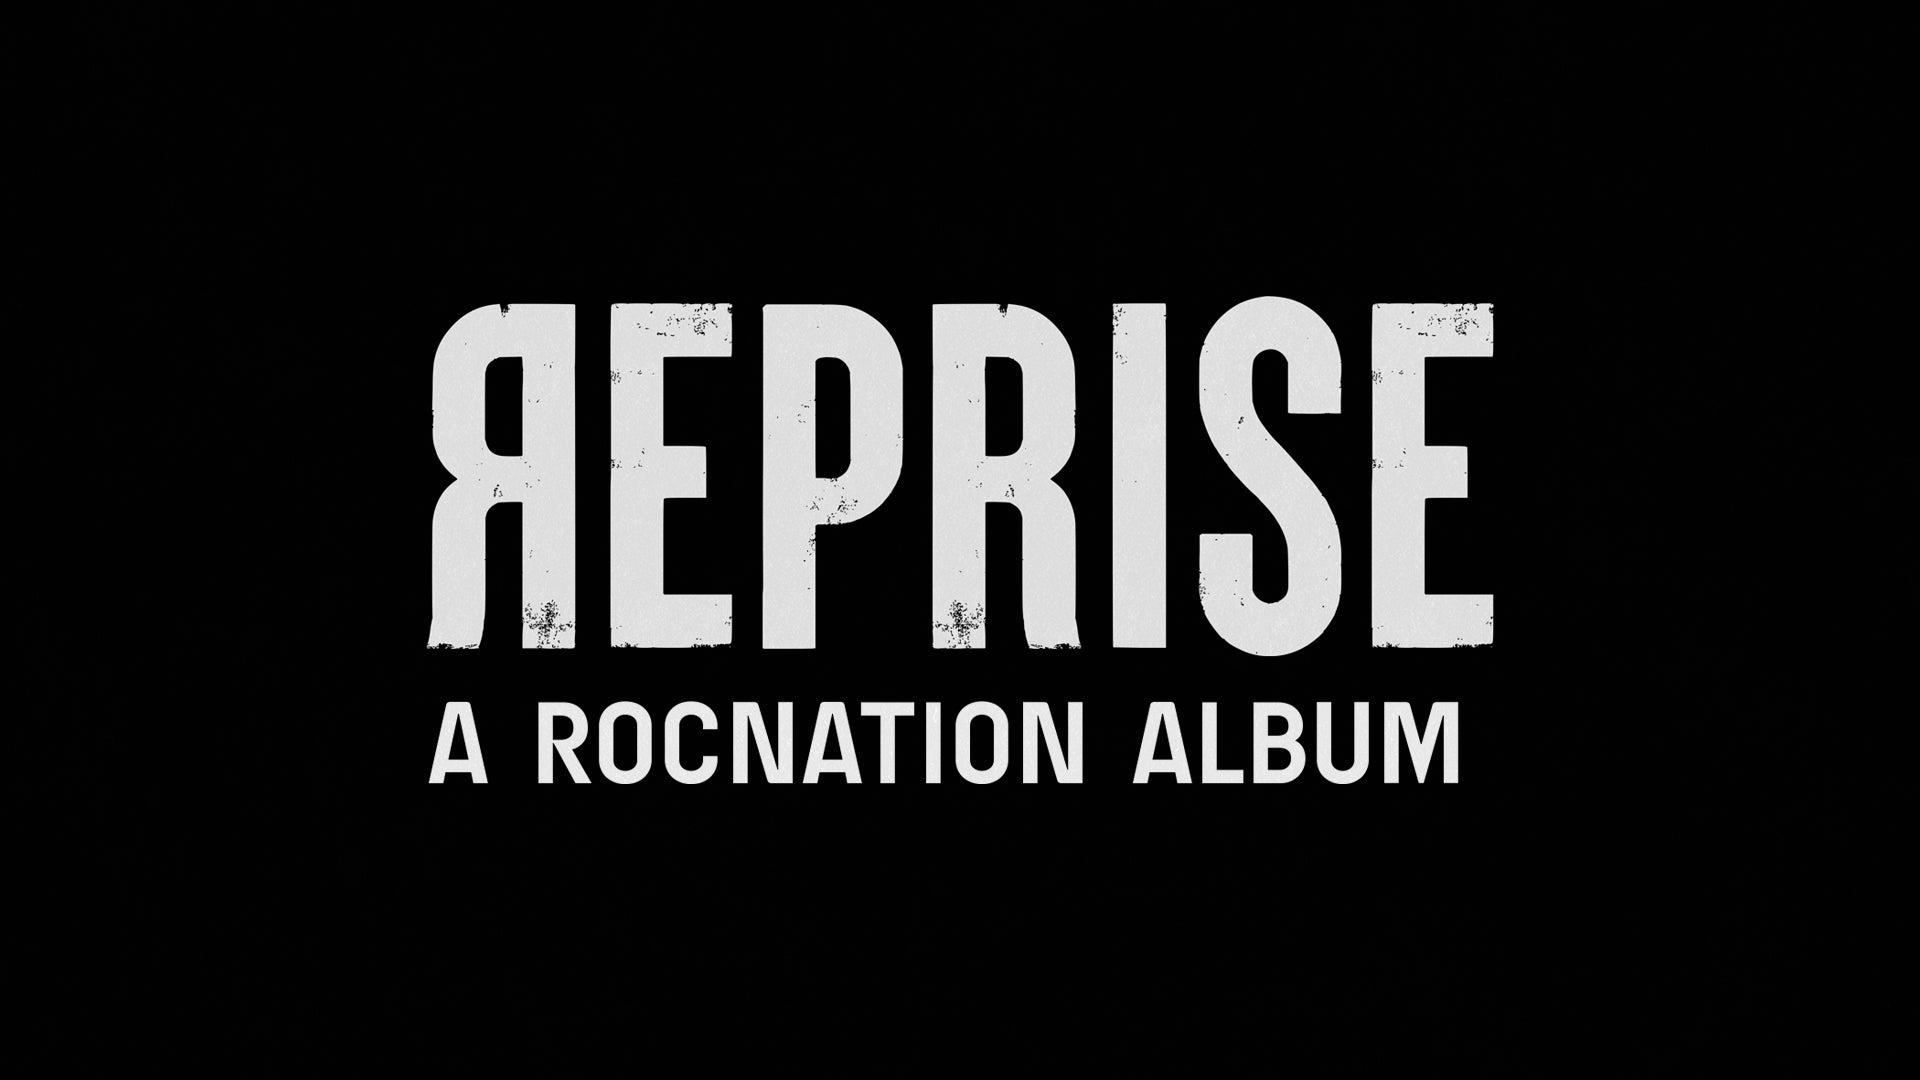 REPRISE: A ROC NATION ALBUM